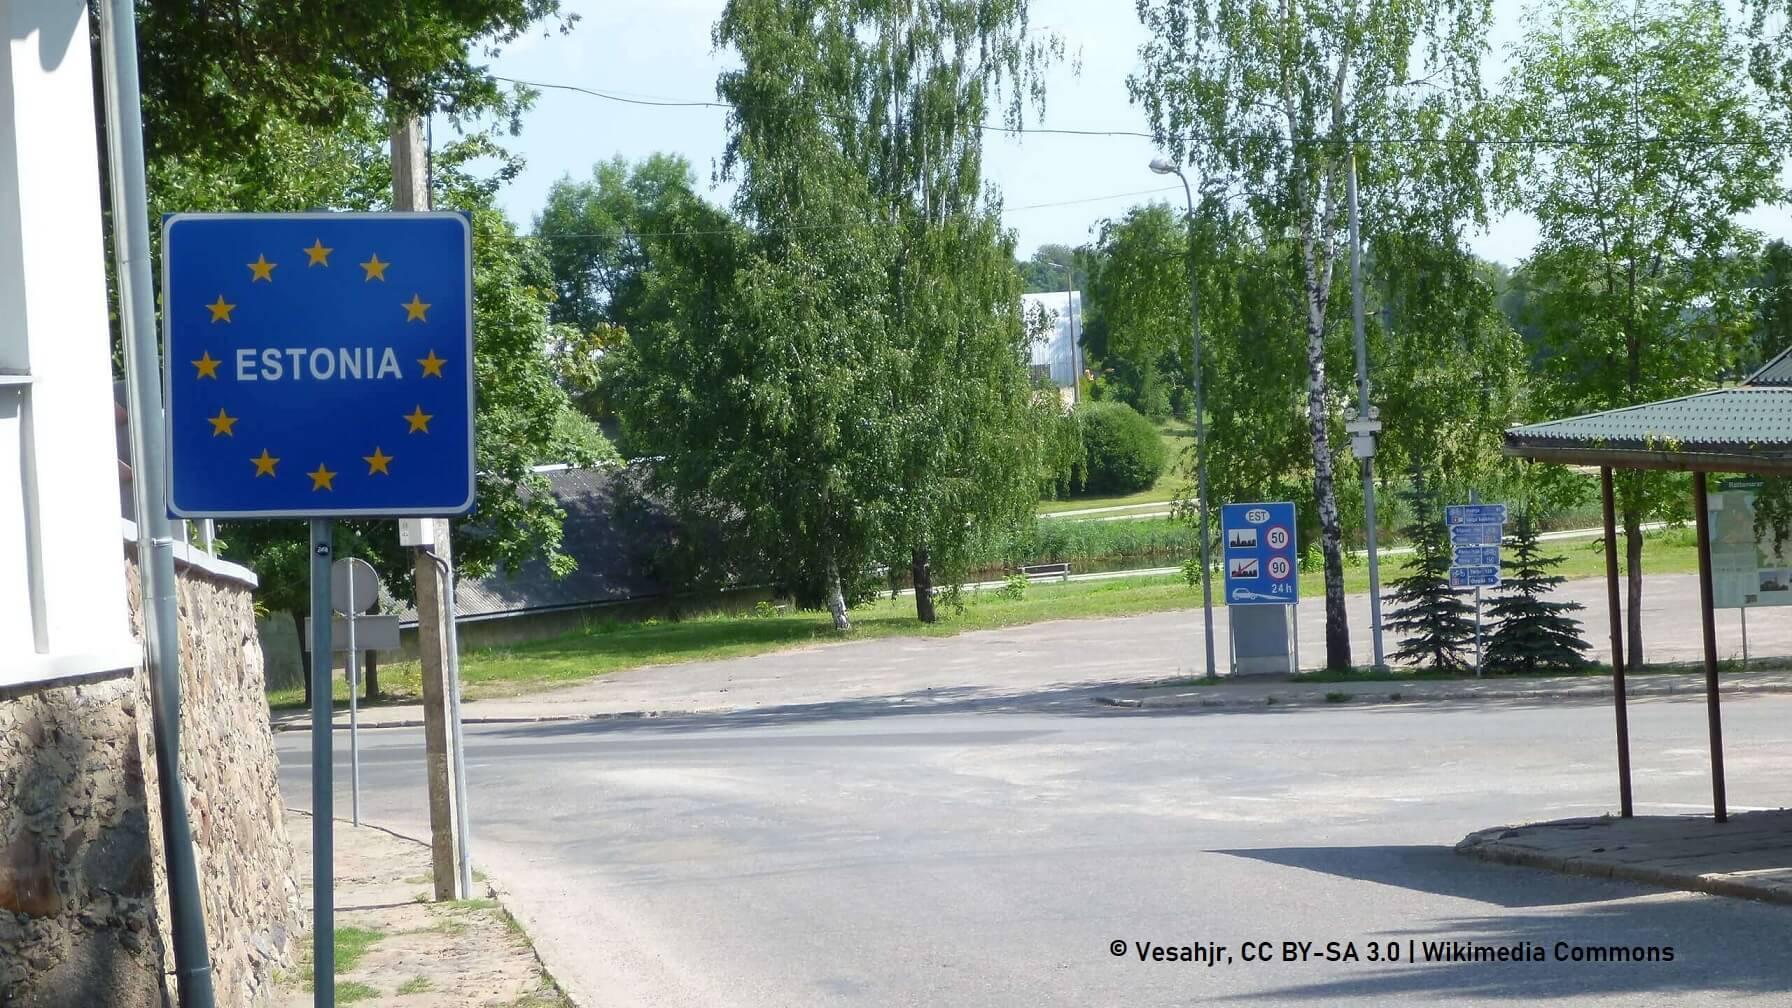 Mọi điều bạn cần biết khi đi du lịch đến Estonia với COVID-19 - SchengenVisaInfo.com